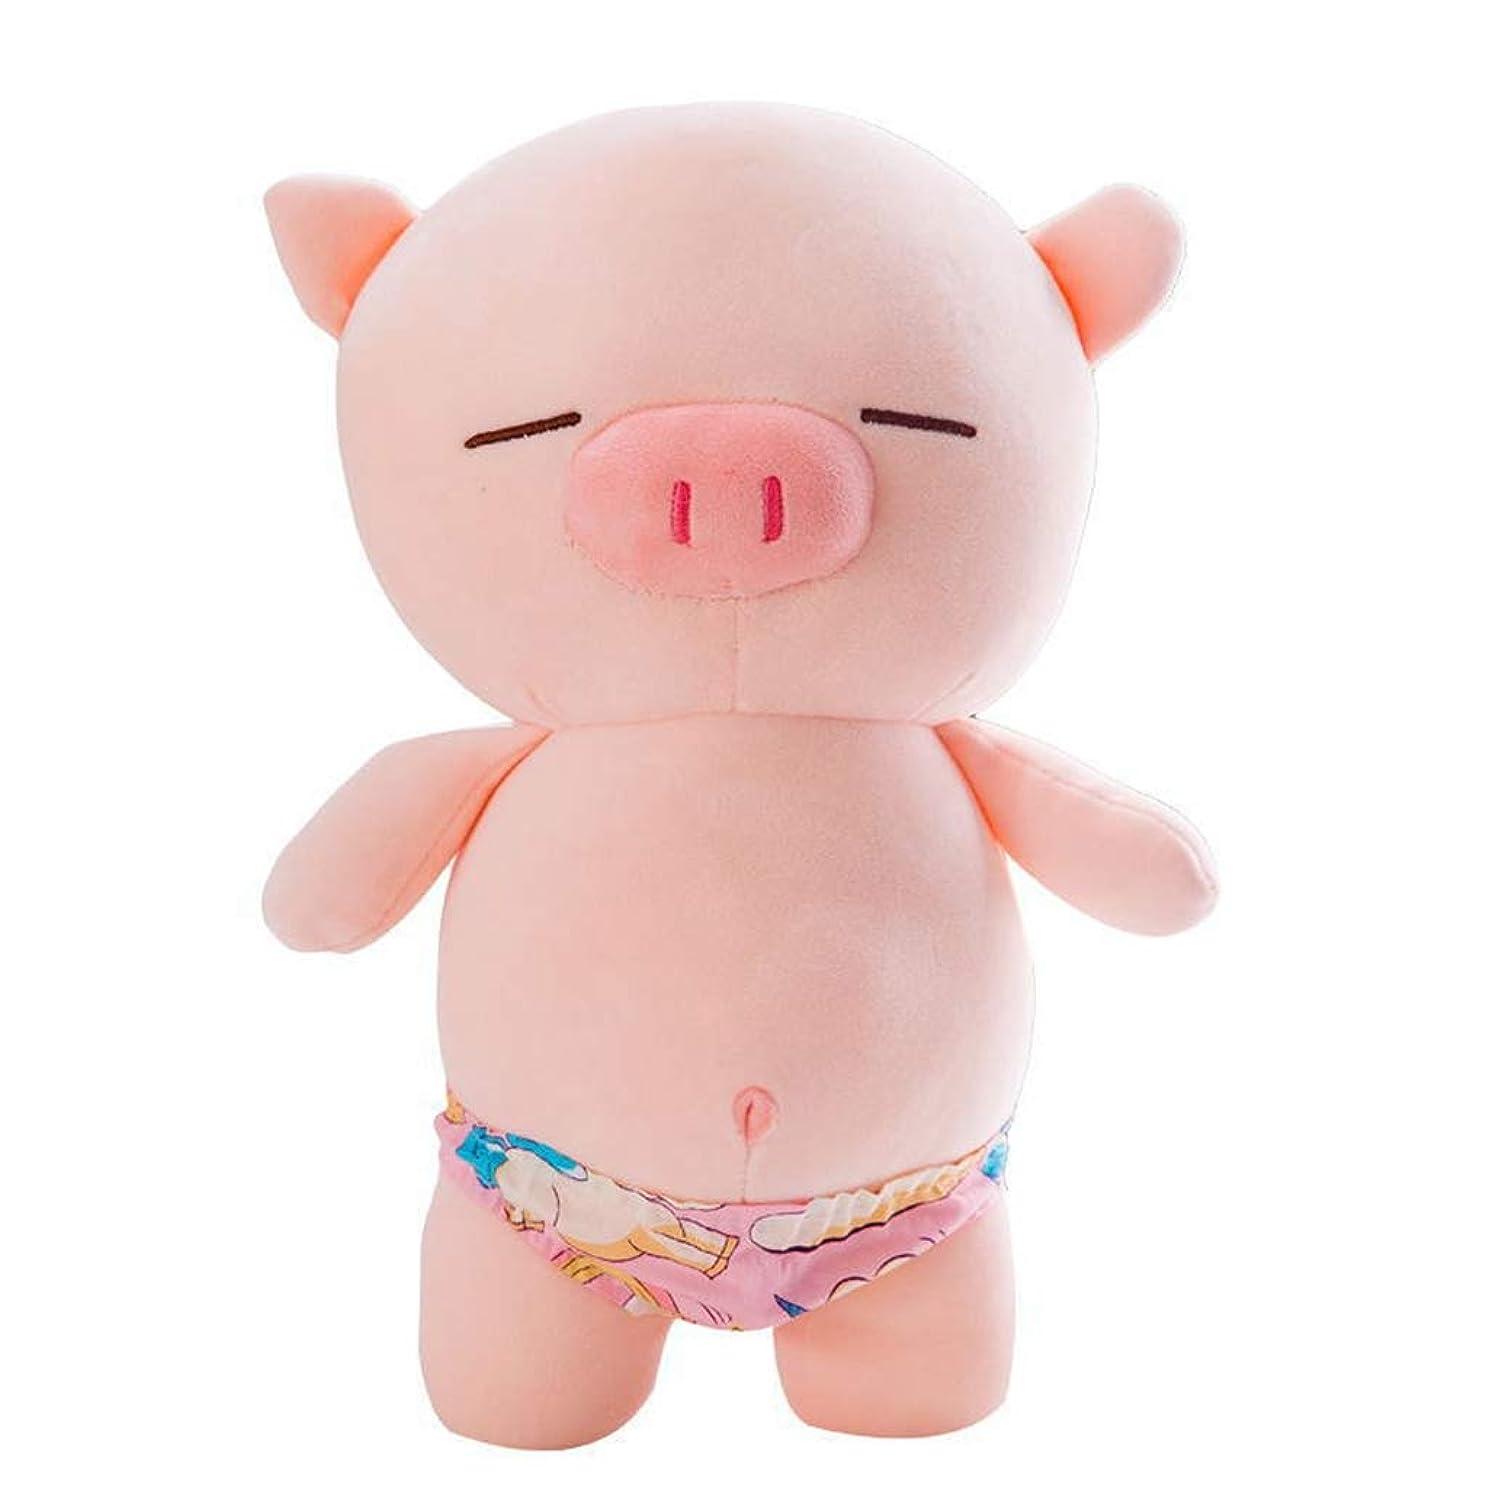 予感永遠に極貧豚 ぬいぐるみ ぶた かわいい 超萌え 癒し ふわふわ おもちゃ 抱き枕 寝かしつけ用 置物 飾り インテリア お誕生日 お祝い 贈り物 プレゼント こども 彼氏 彼女 柔らかい 抱き心地良い ピンク 50cm